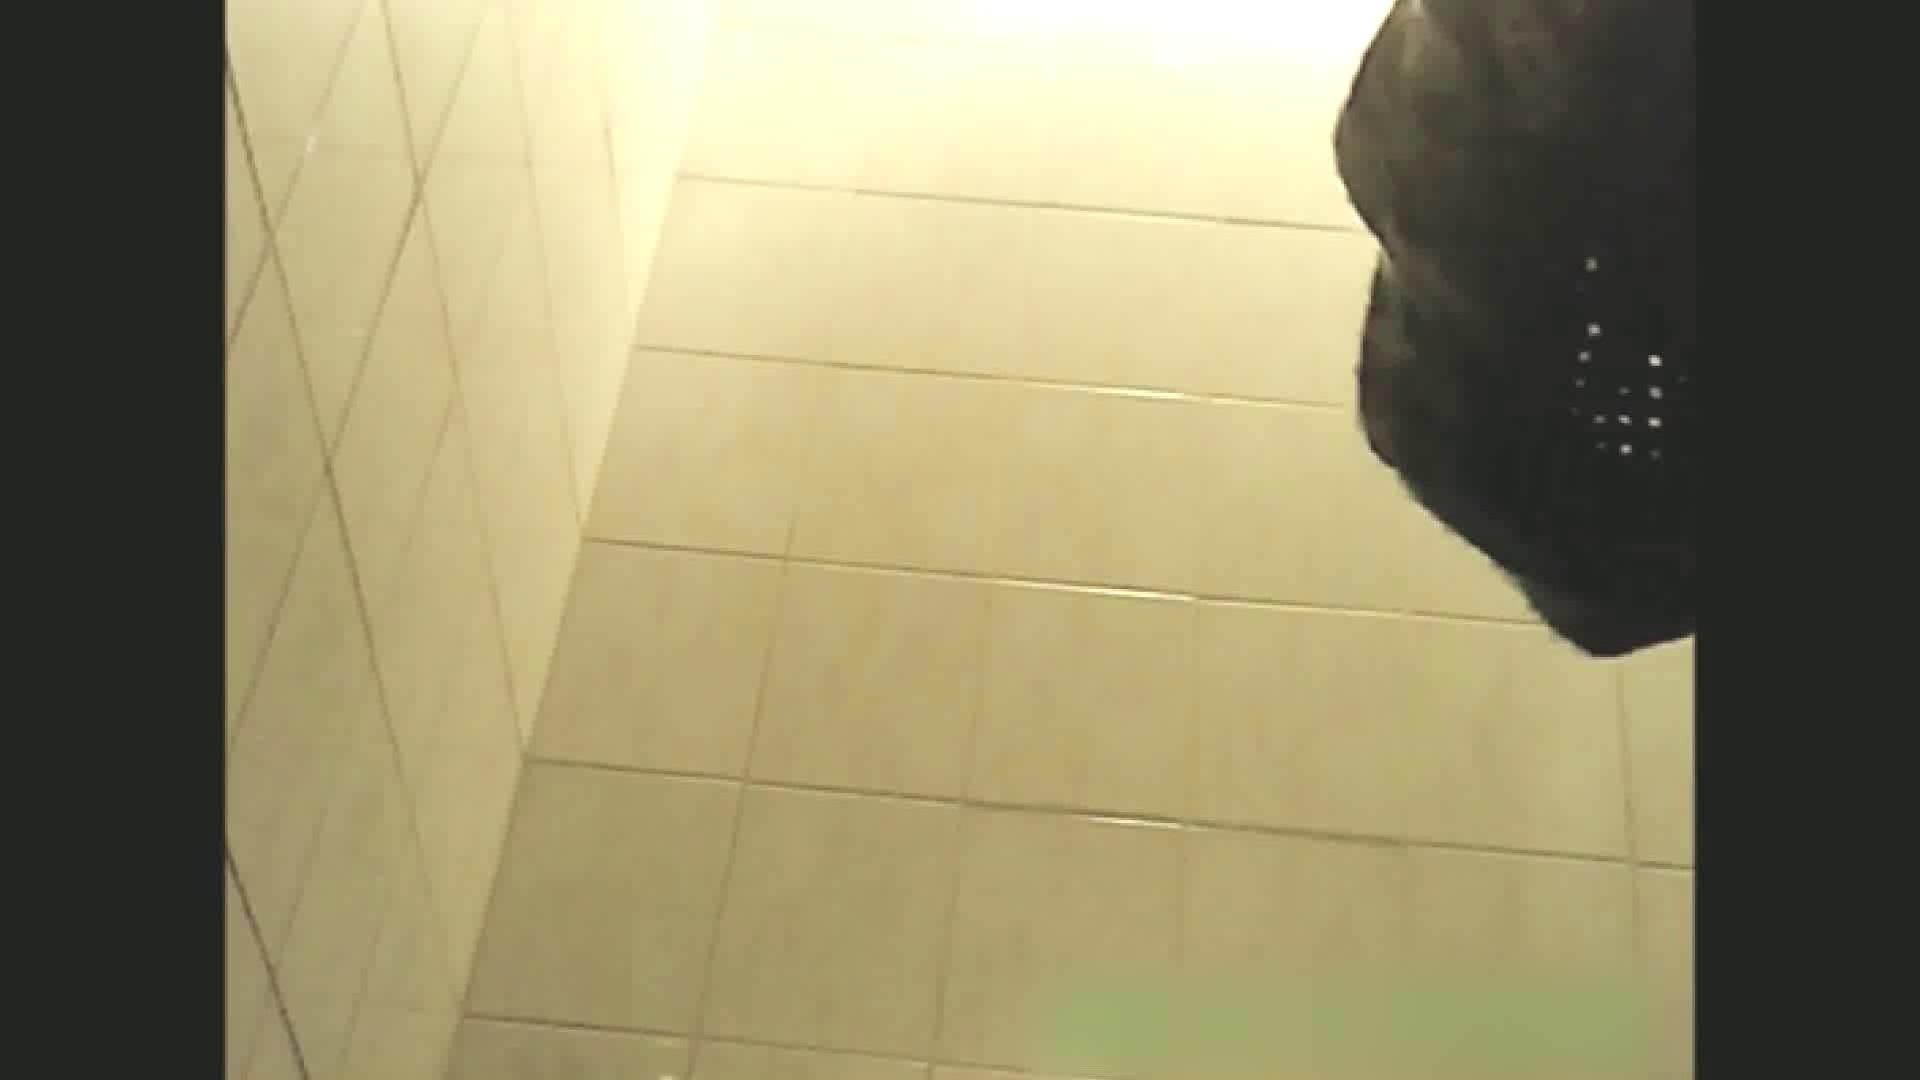 実録!!綺麗なお姉さんのトイレ事情・・・。vol.13 OLすけべ画像 盗撮動画紹介 36連発 2